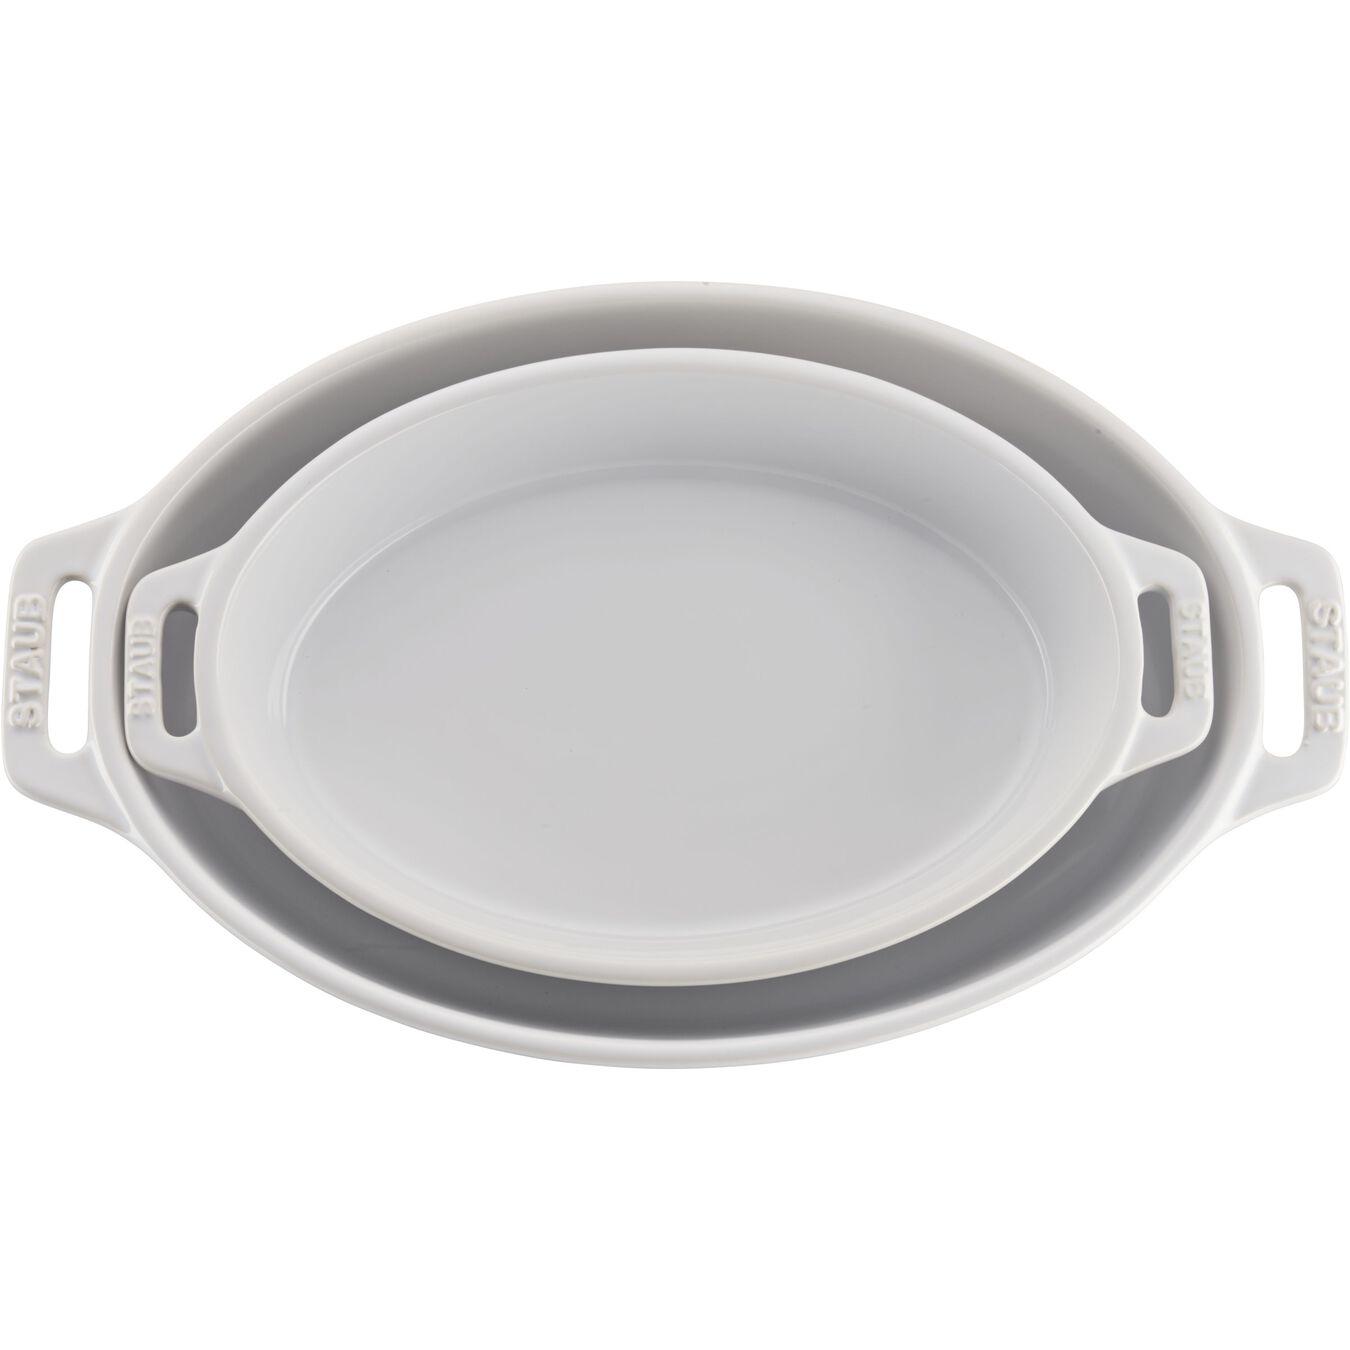 2-pc Oval Baking Dish Set,,large 1